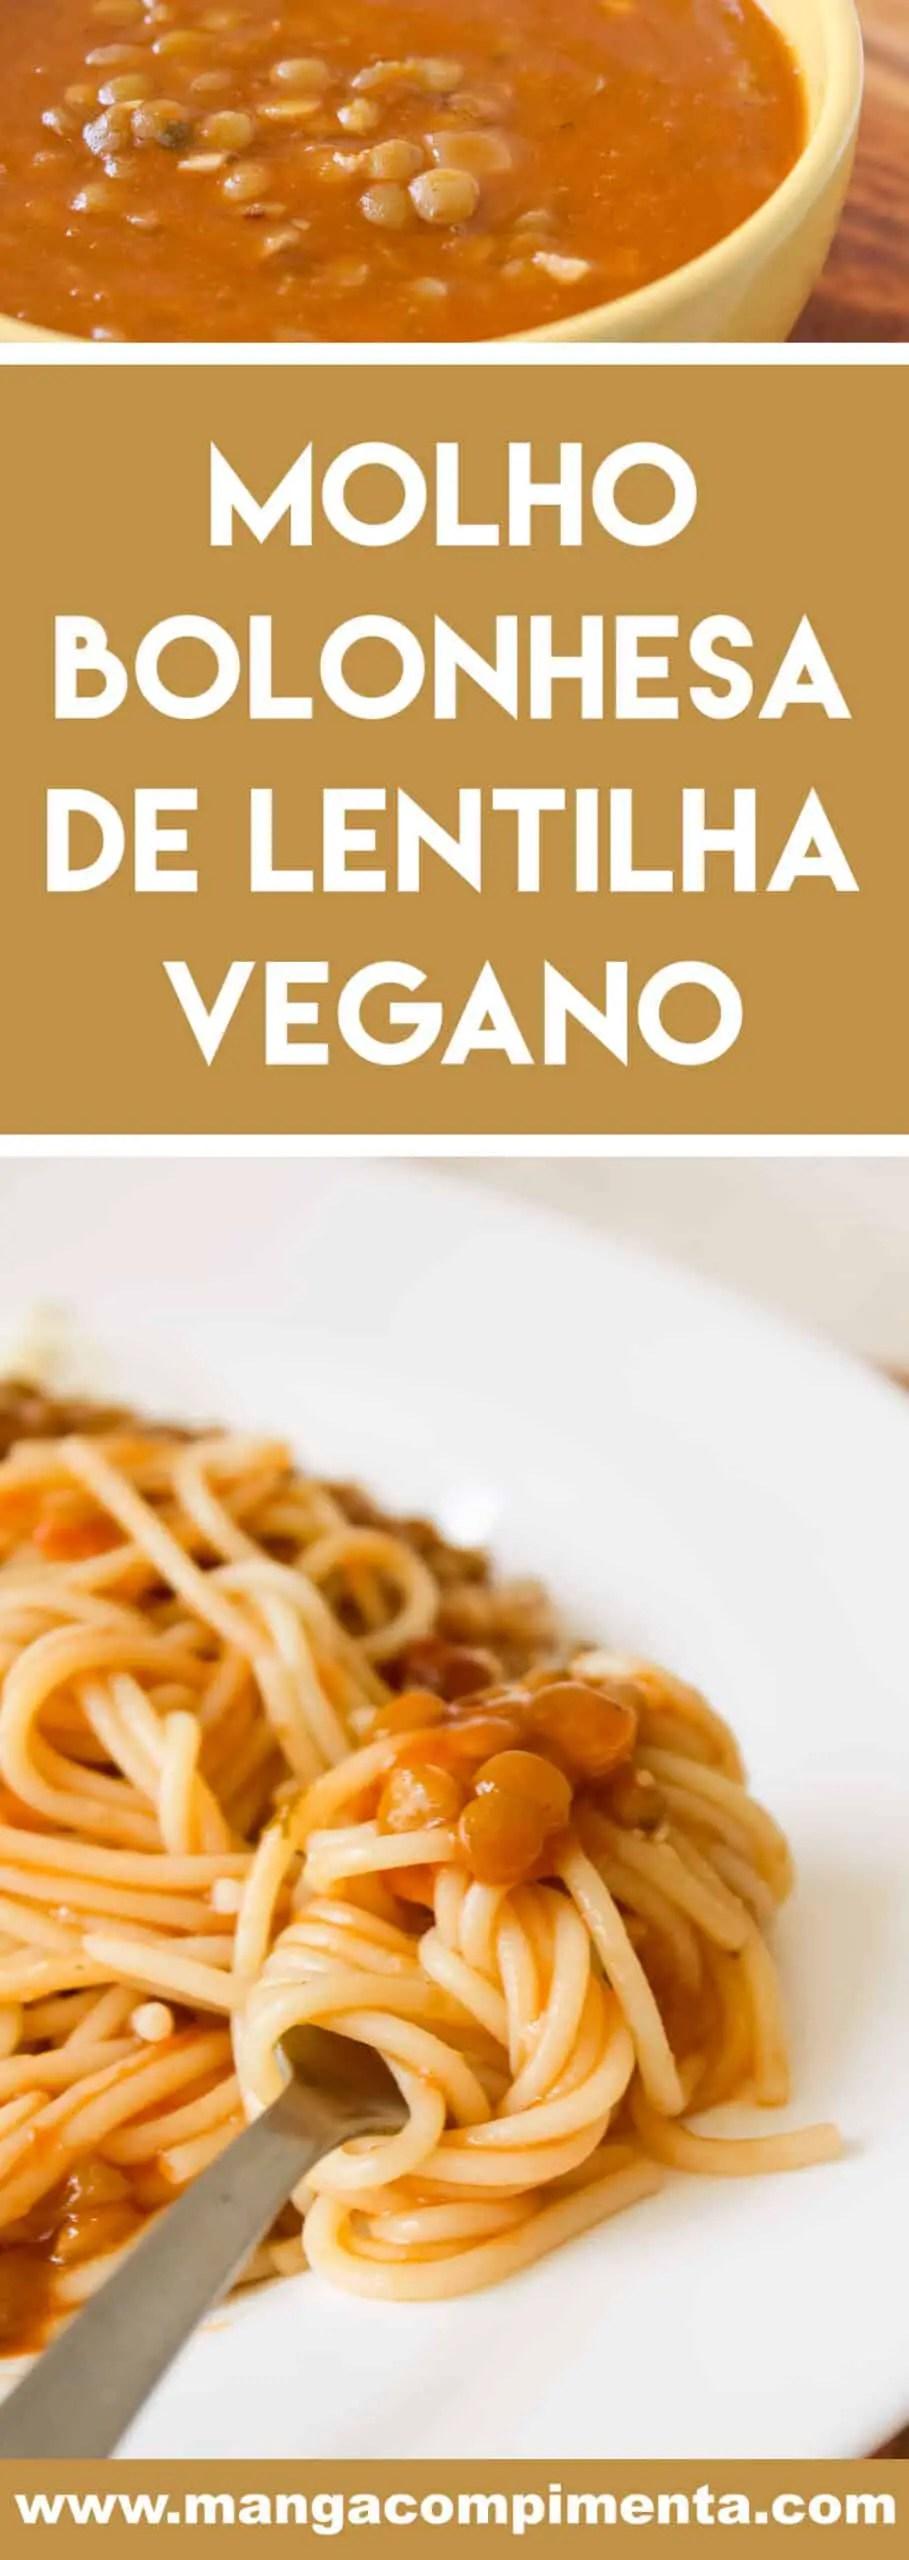 Receita de Molho Bolonhesa de Lentilha Vegano - prepare um almoço vegano delicioso para o Domingo!